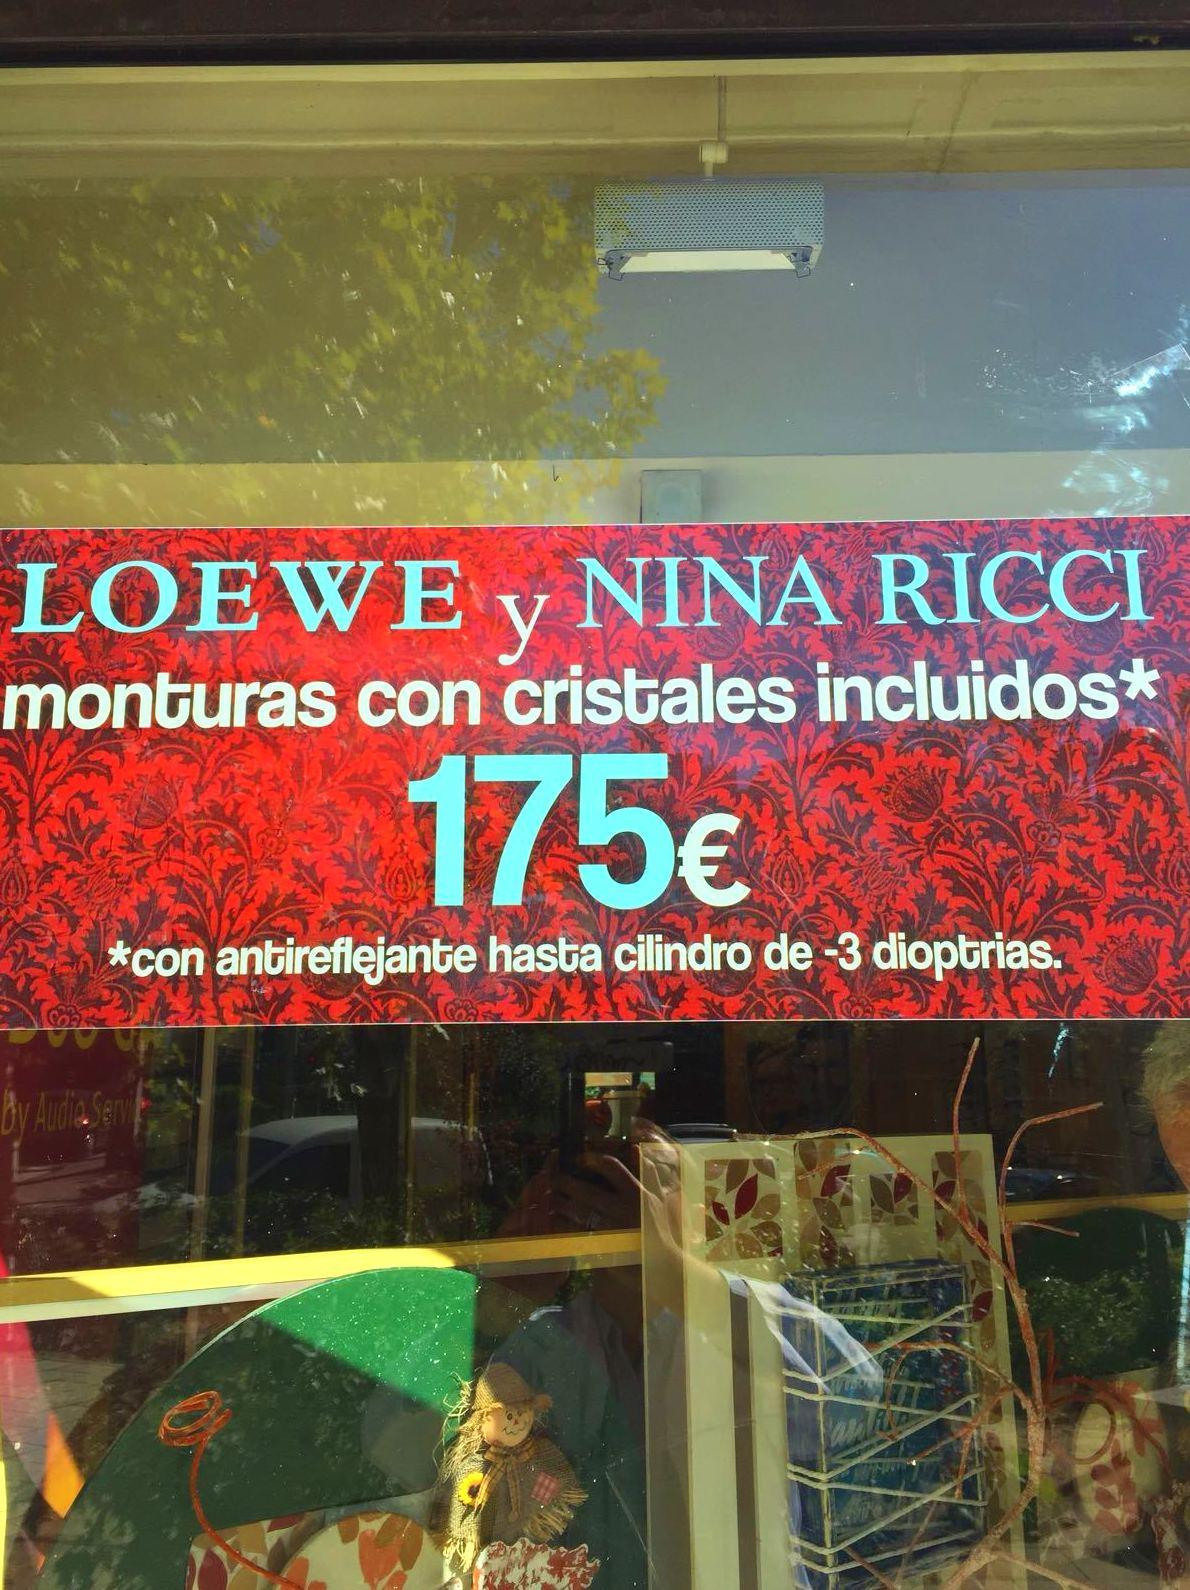 No te pierdas nuestra promoción de monturas y cristales por 175€